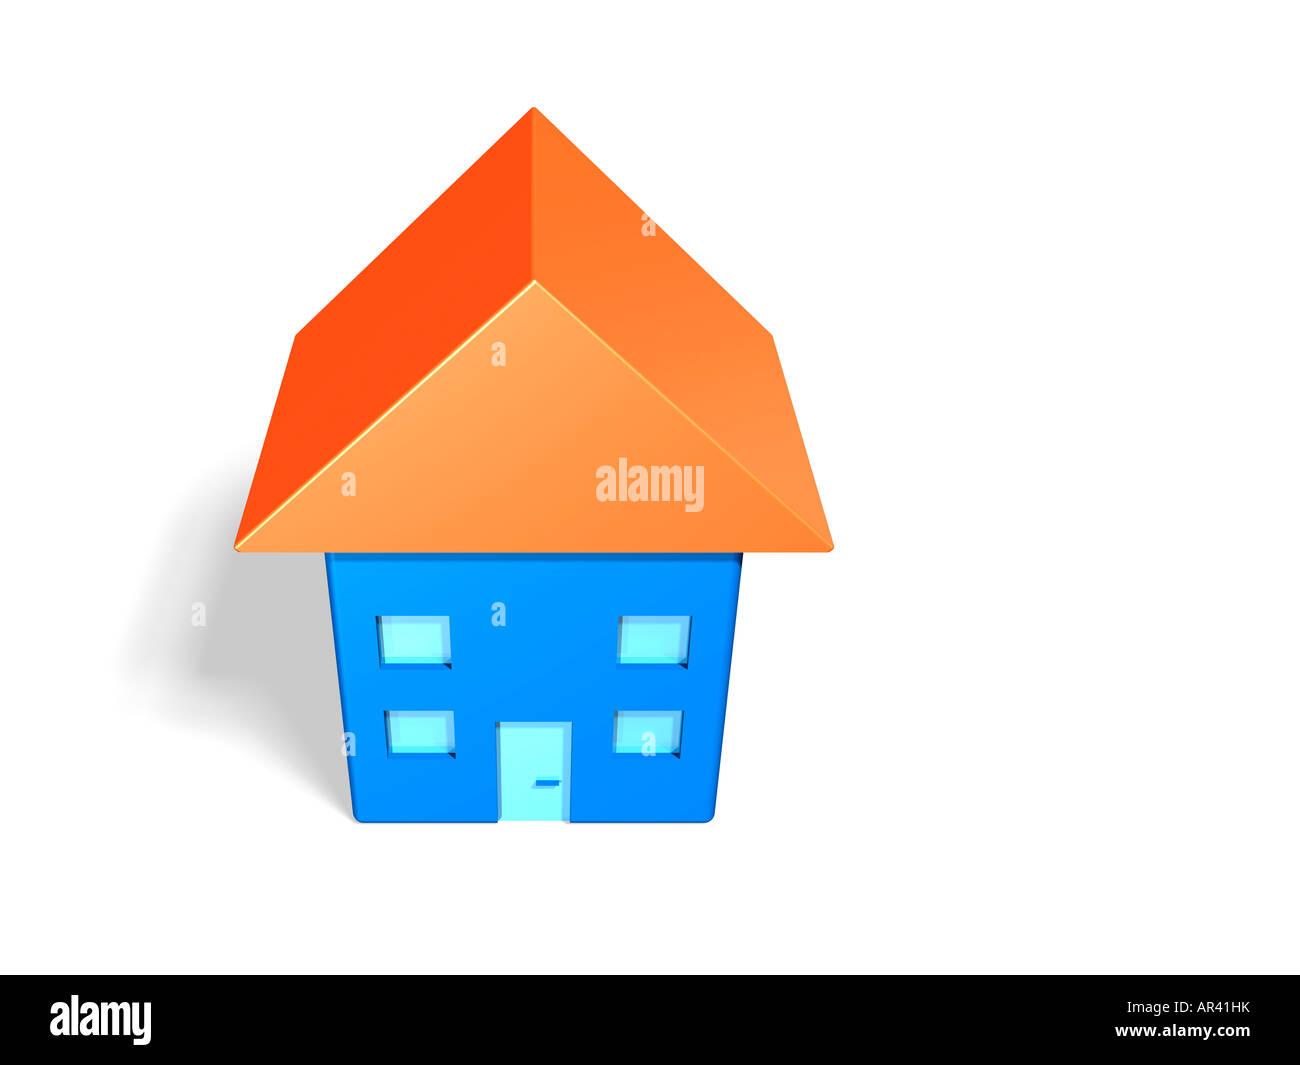 Modèle d'une maison bleue avec toit orange (3d illustration). Photo Stock